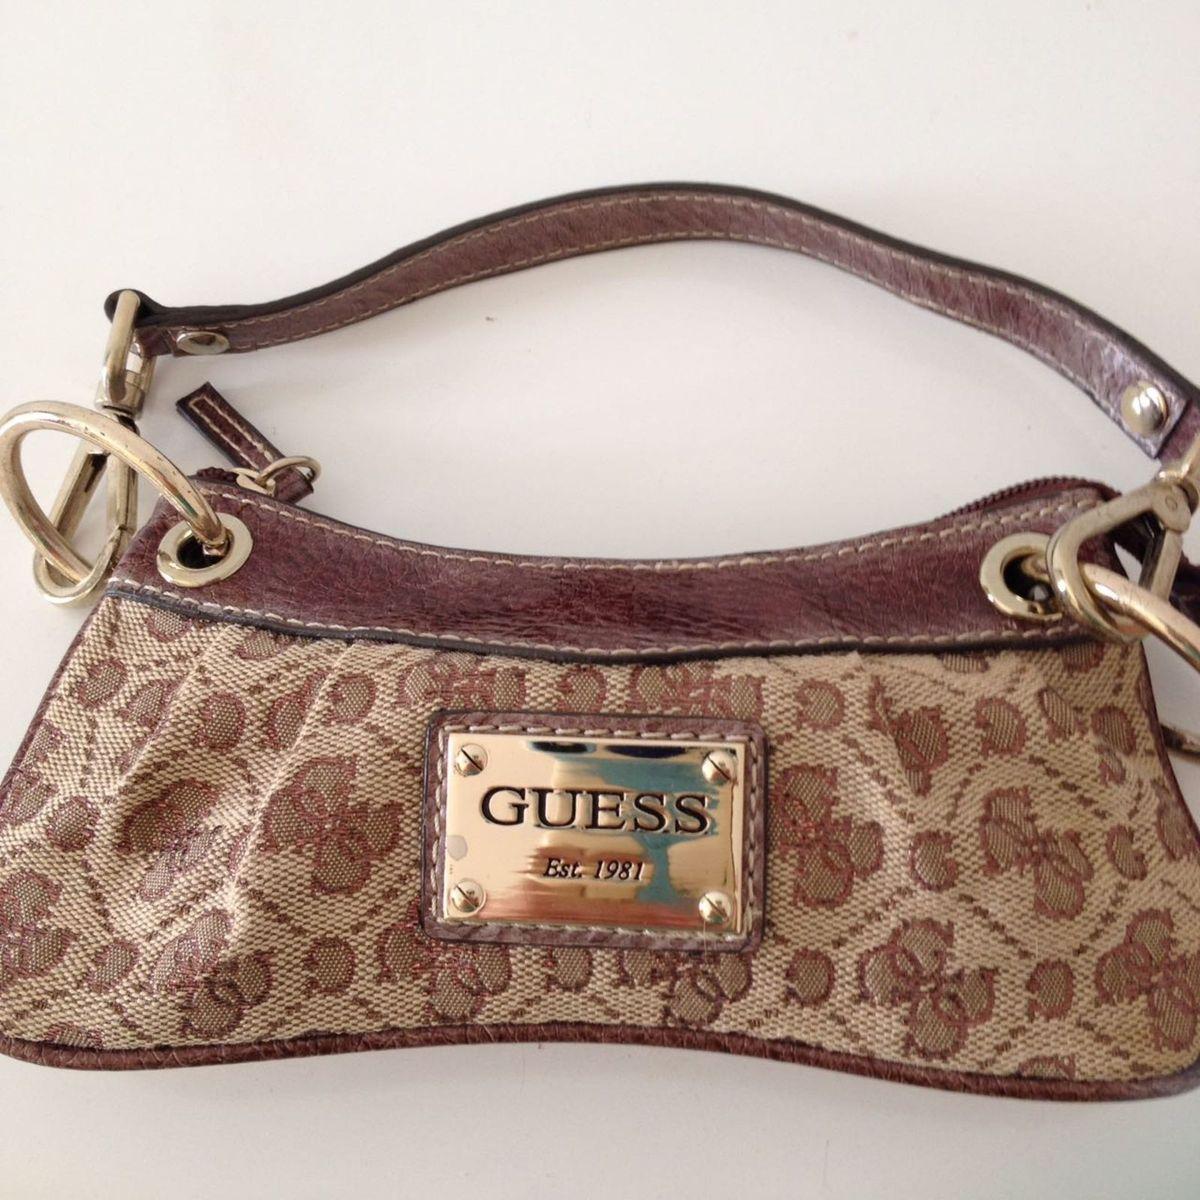 2240ae664 Bolsa de Mao da Guess Original Marrom | Bolsa de mão Feminina Guess ...